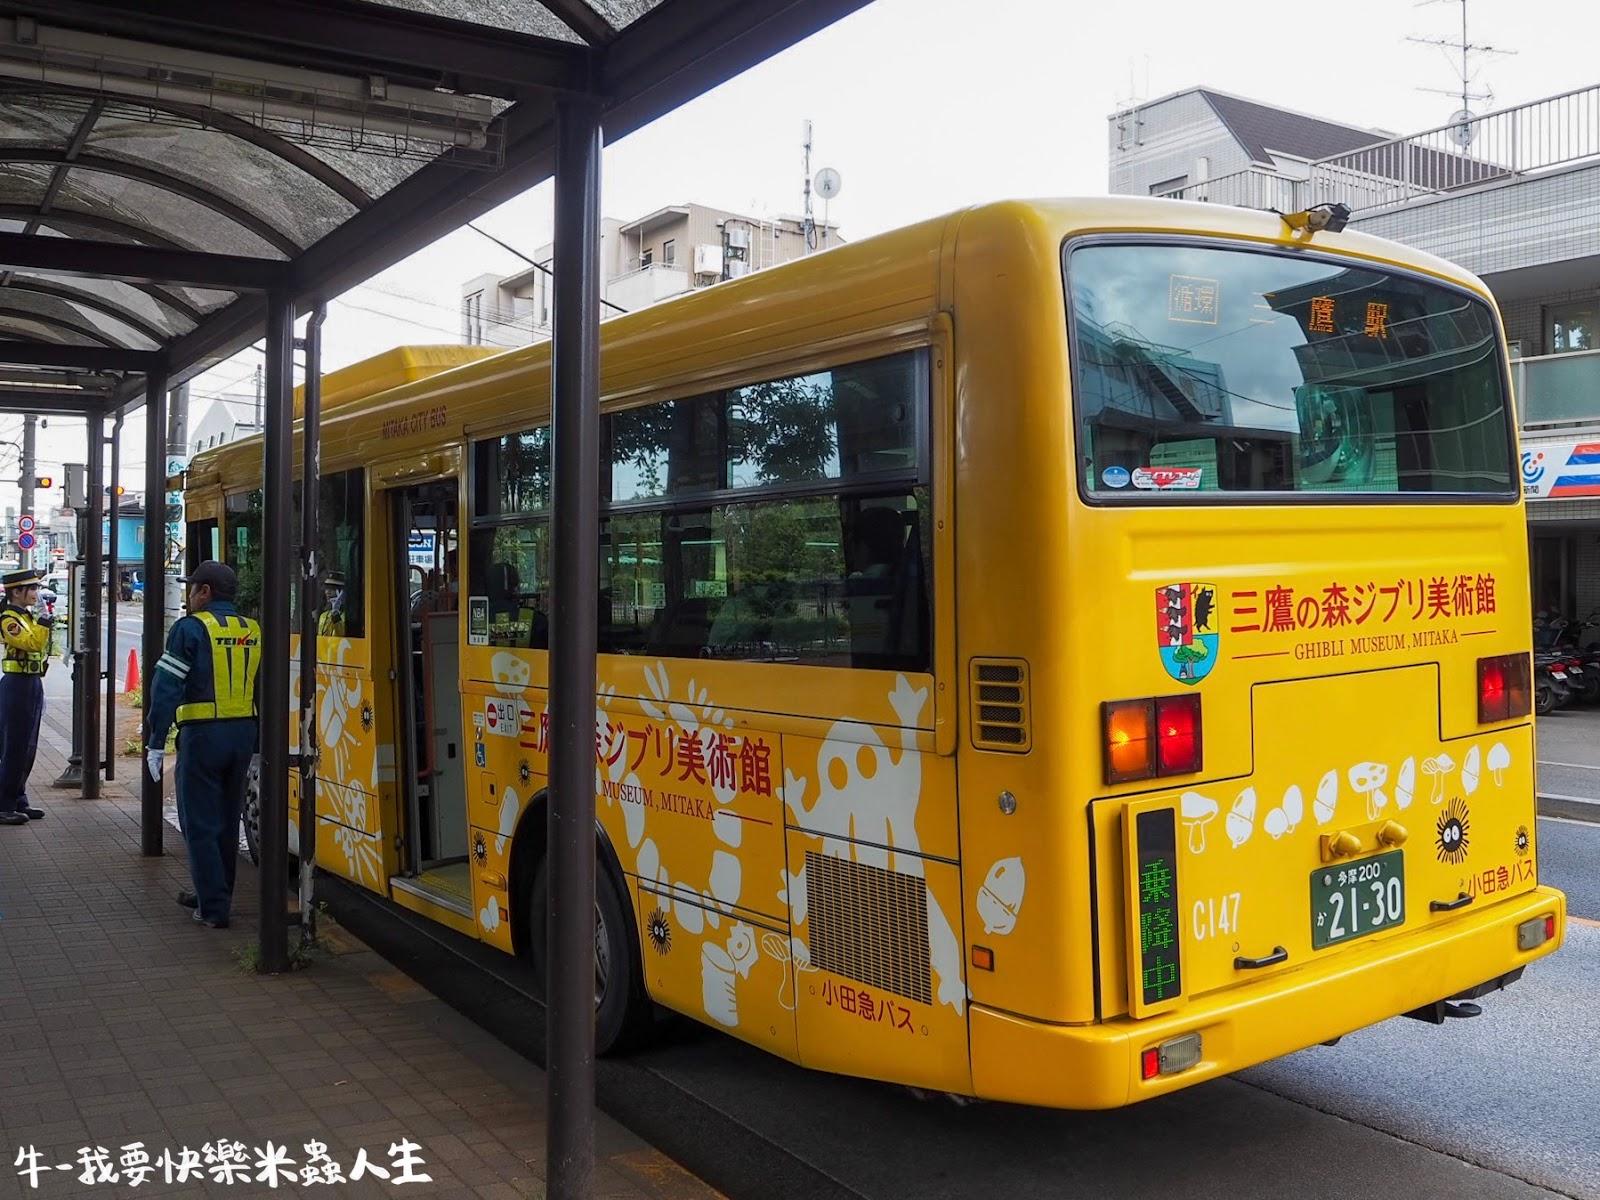 【東京遊記】三鶯之森吉卜力美術館,一起走進宮崎駿的動畫世界 - 牛-我要快樂米蟲人生